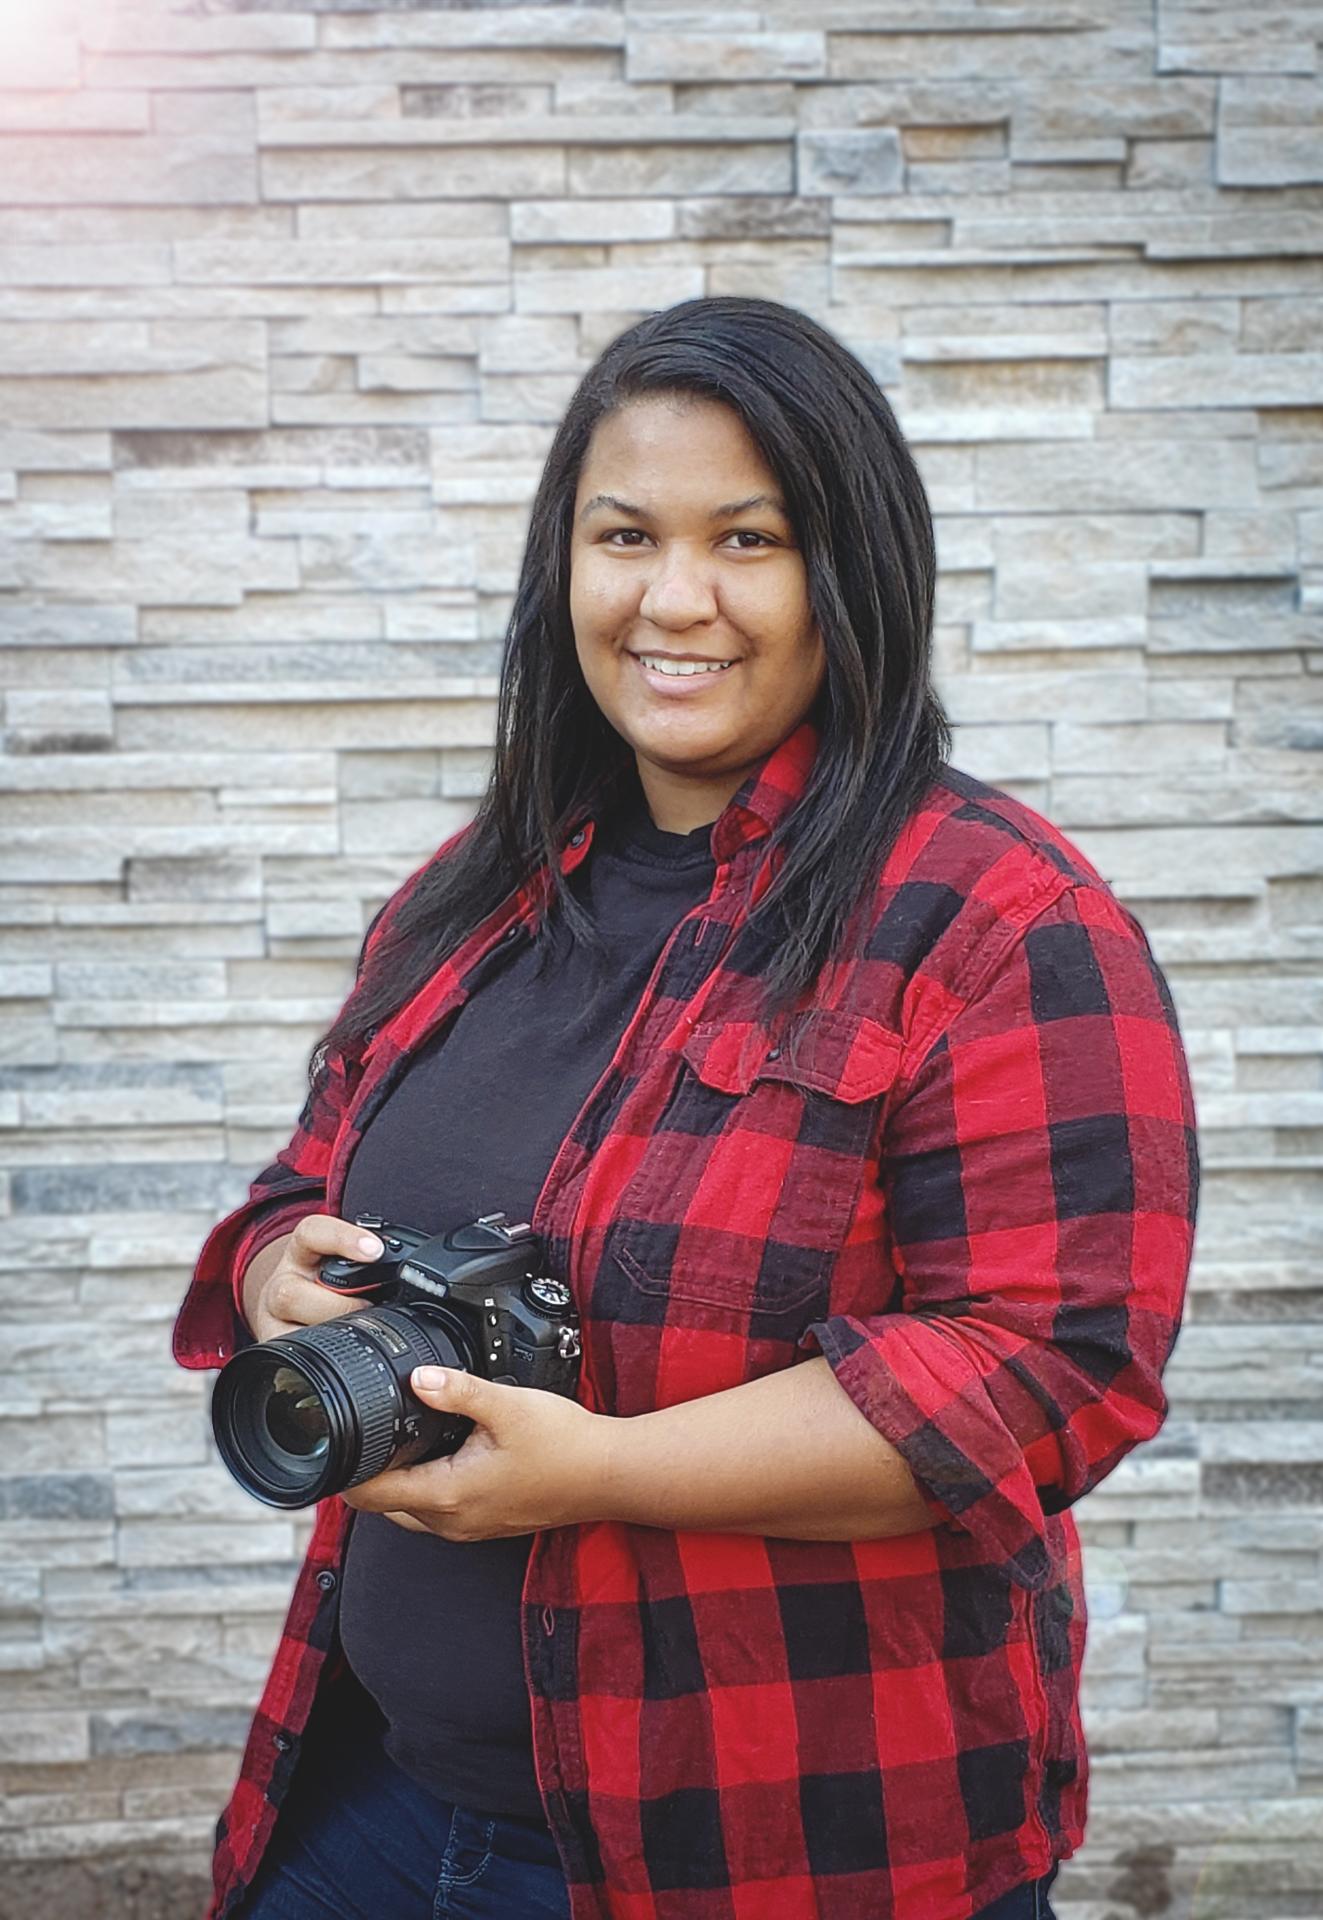 Lauren Bareiss of Saddleback Photography & Design